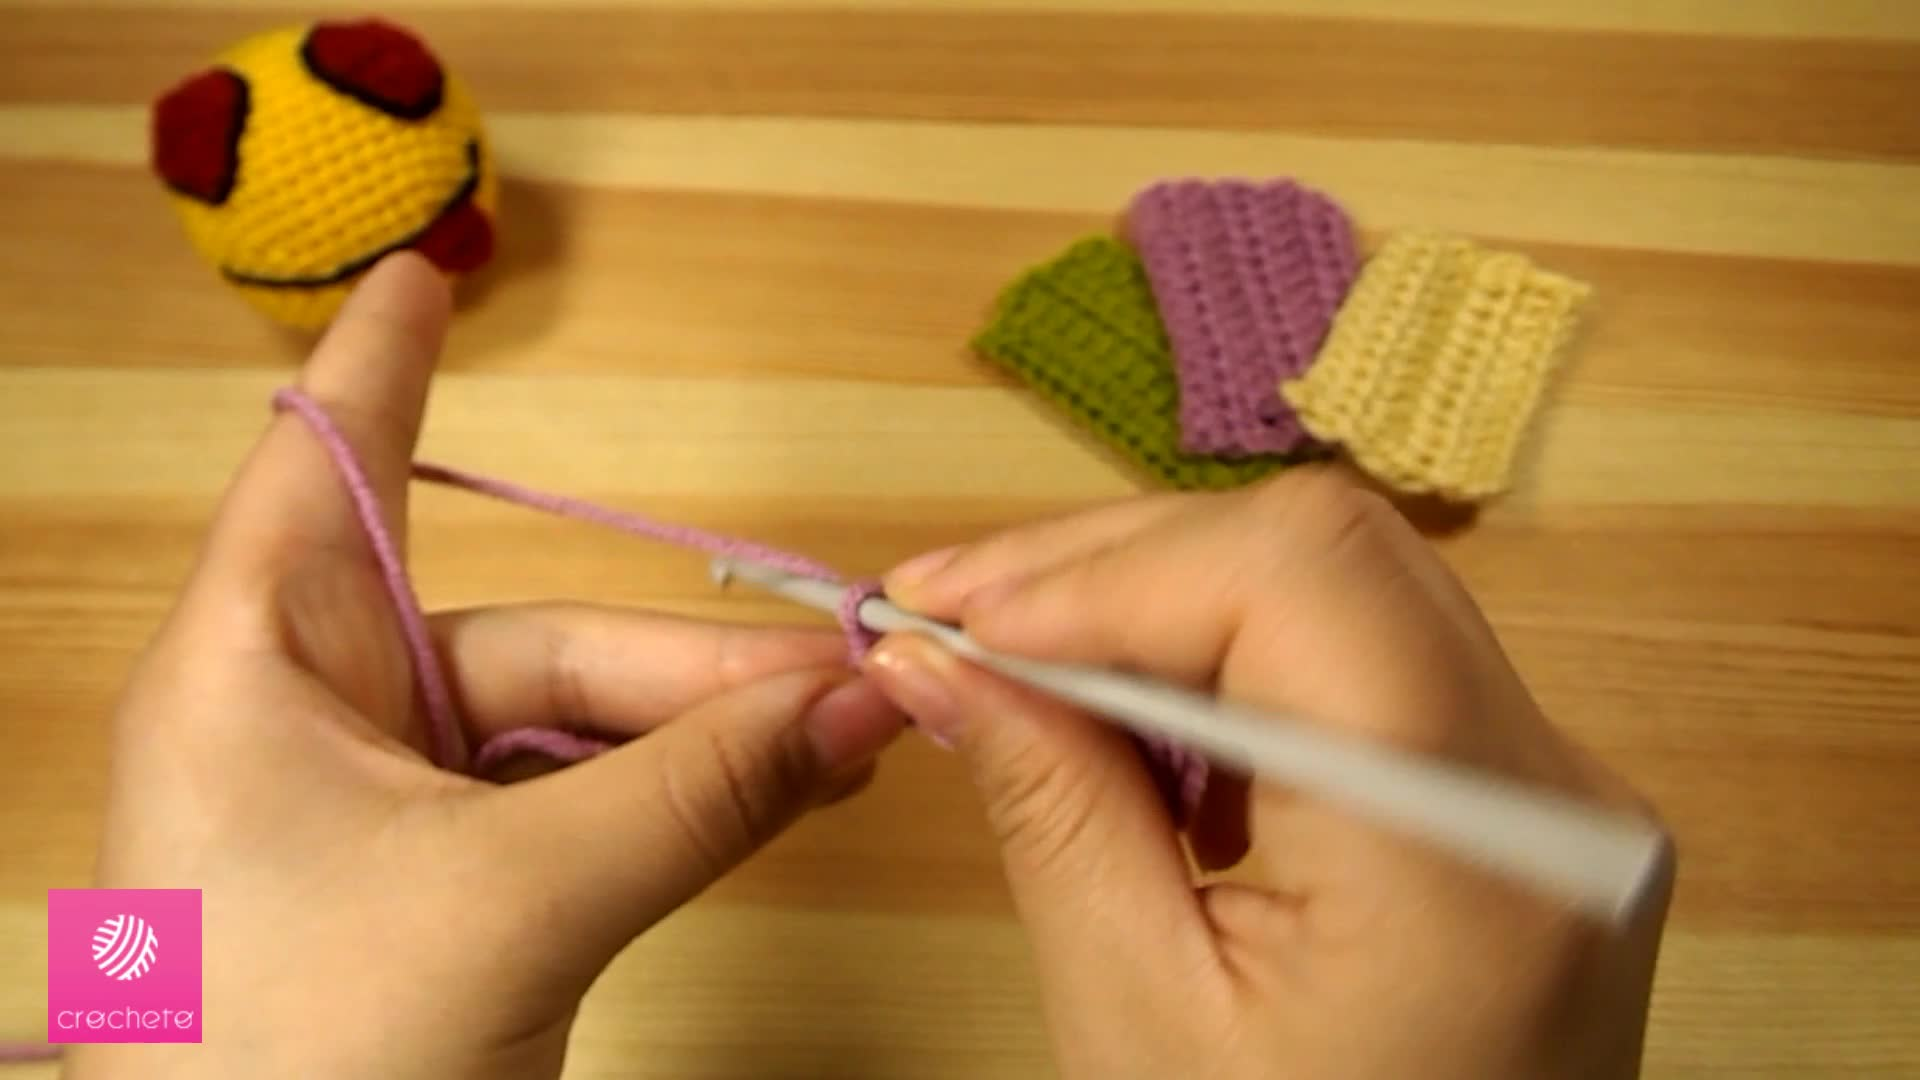 تعليم الكروشيه غرزة النصف عمود - Learn how to Crochet for beginners Half Double Crochet Stitch 4